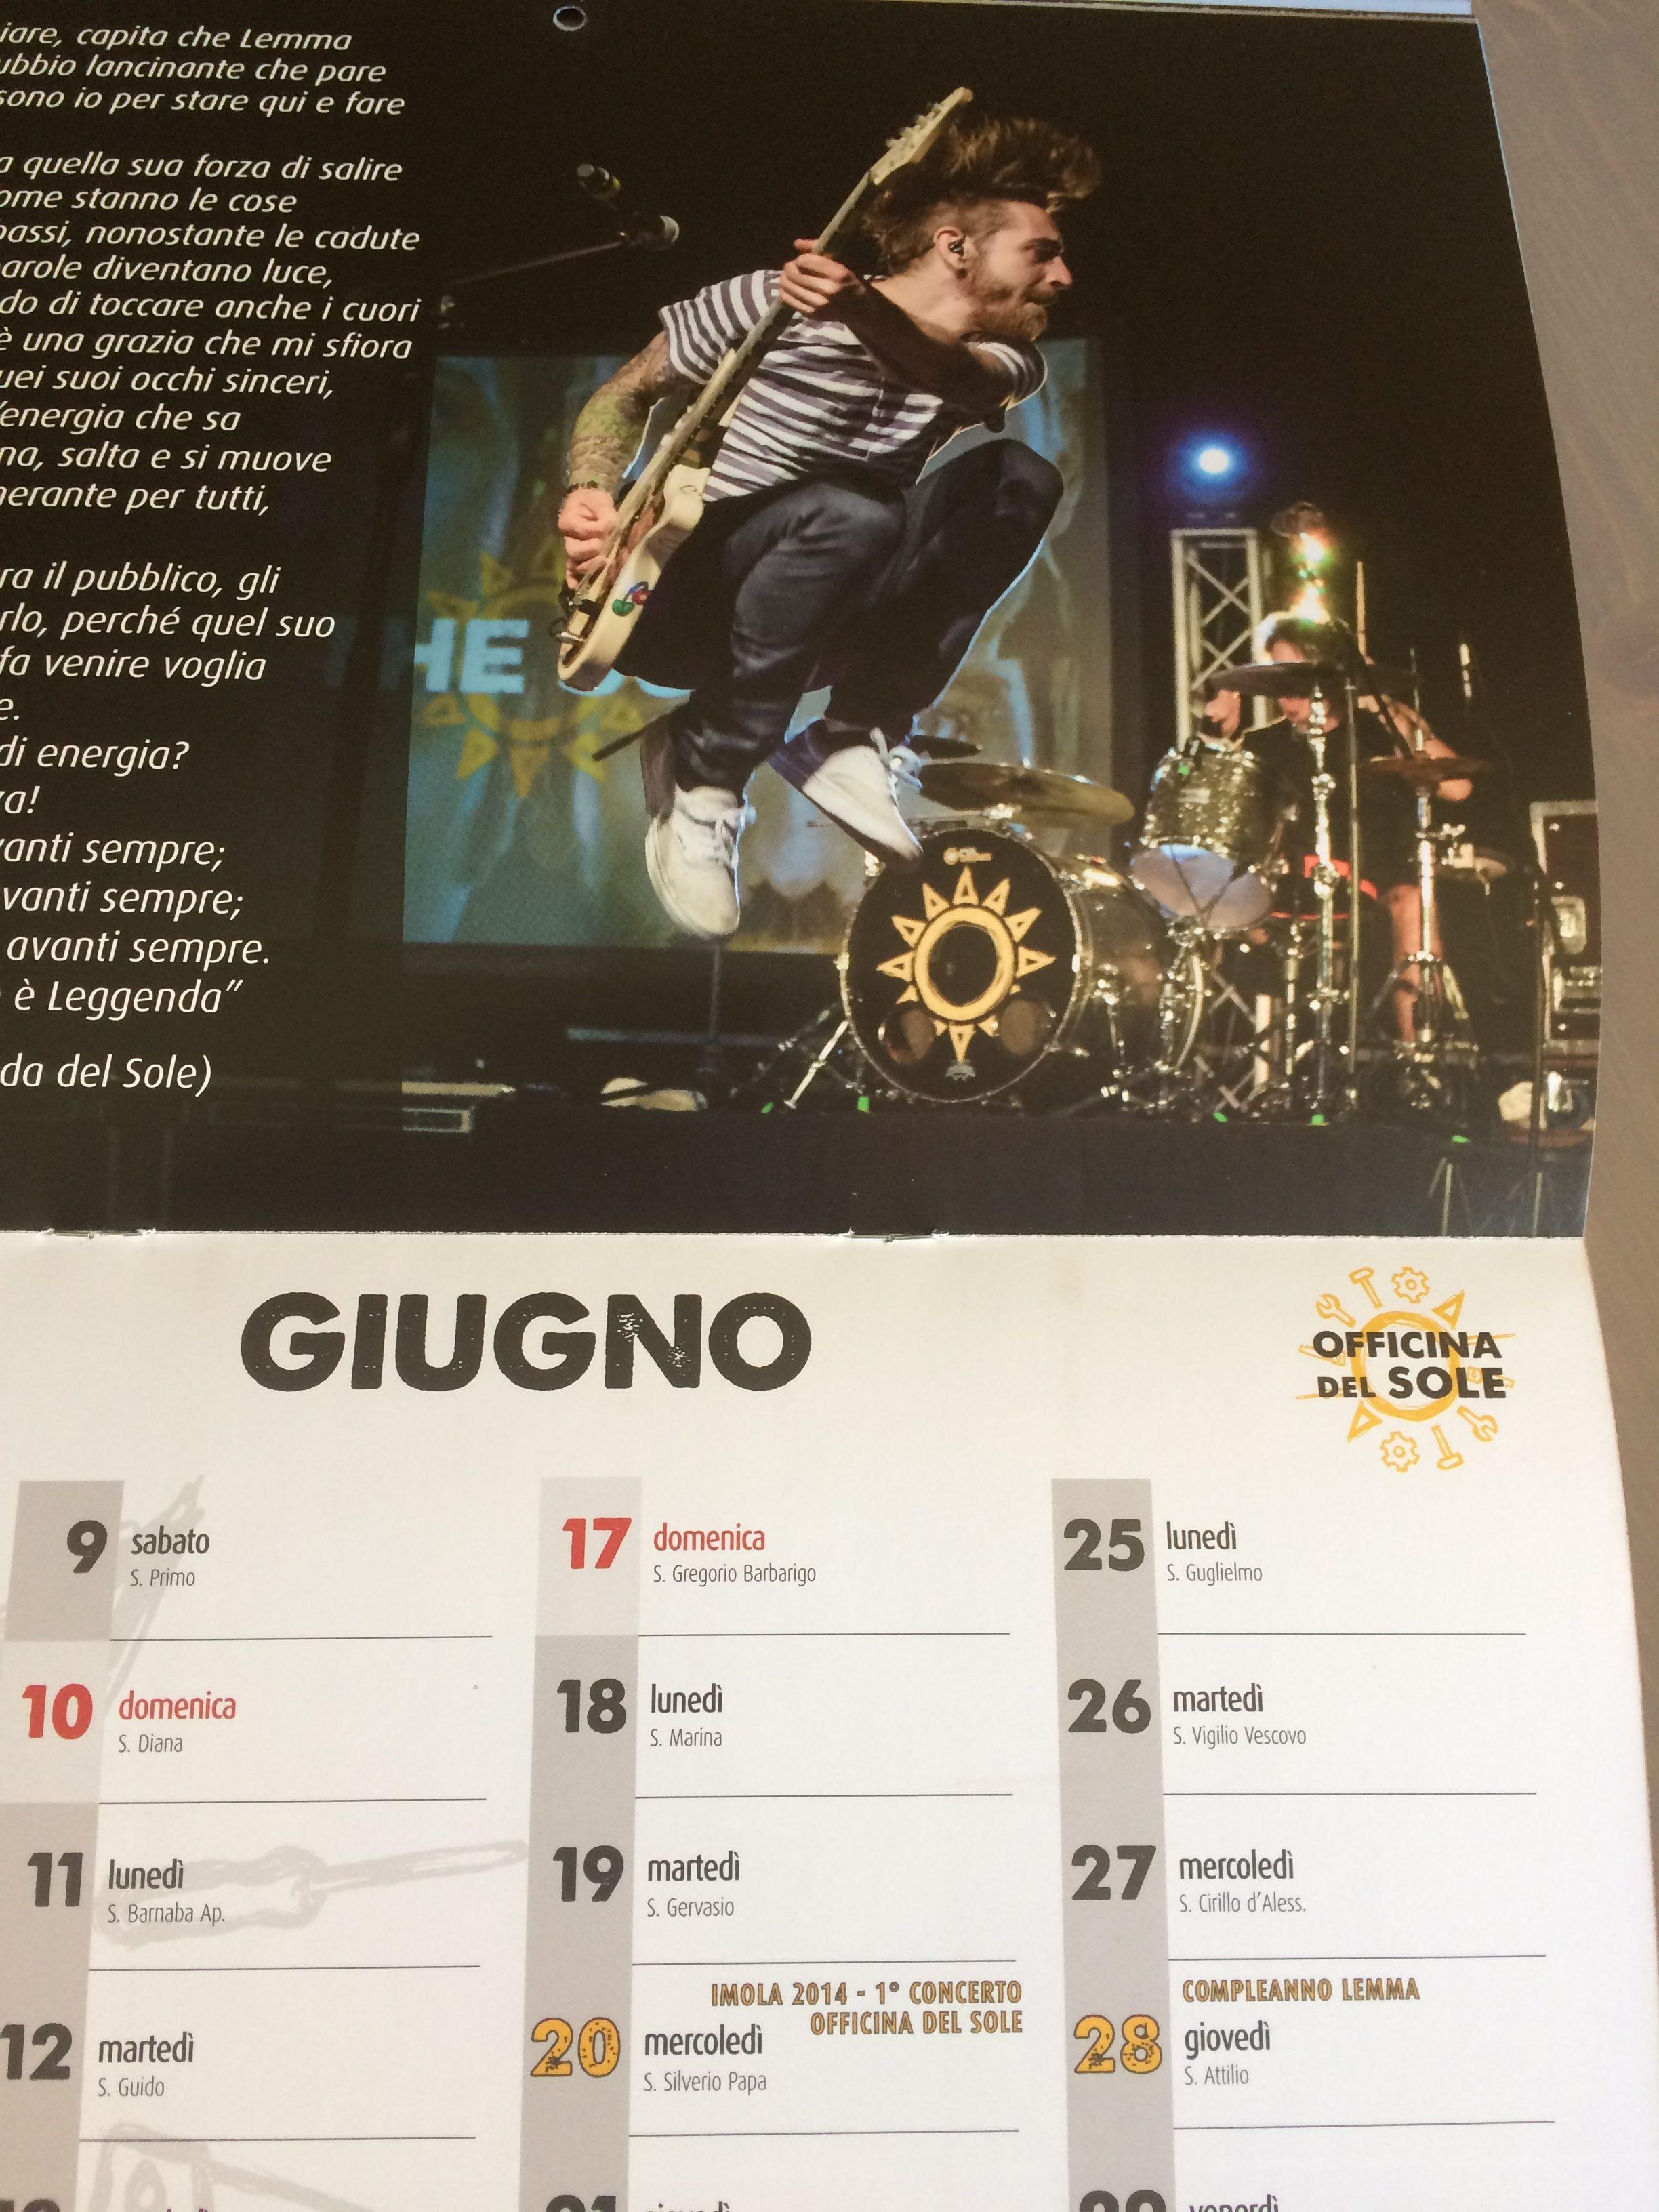 calendario 2018 anteprima di giugno officina del sole fan club the sun rock music band